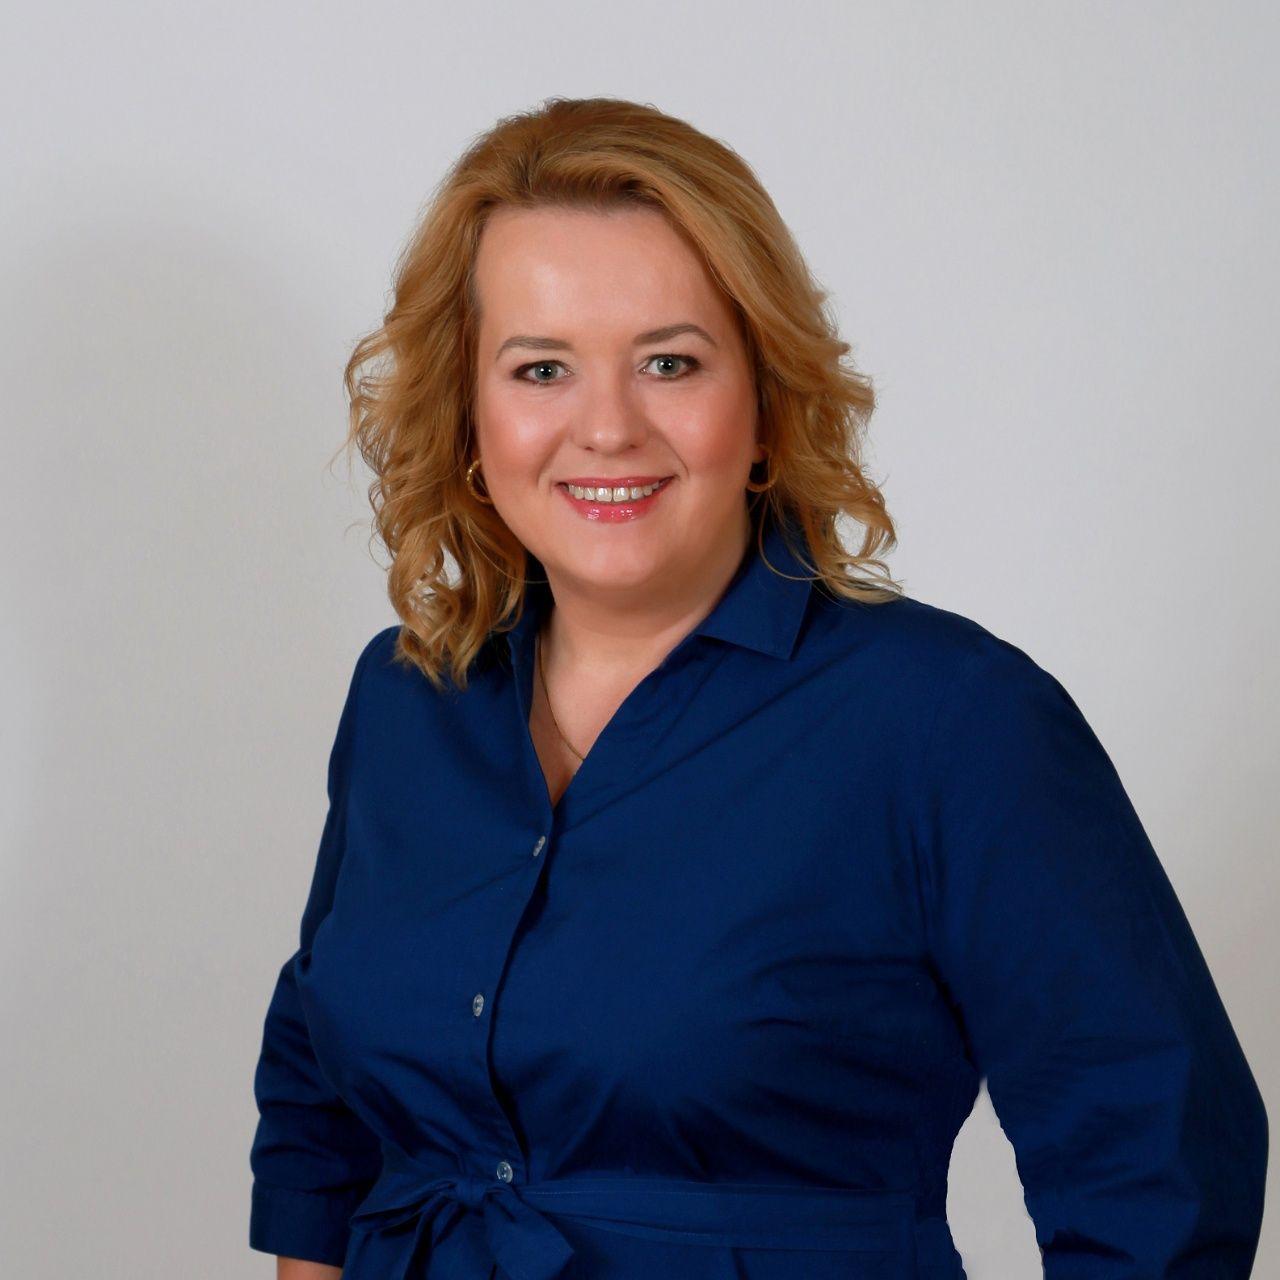 Elena Pavelková